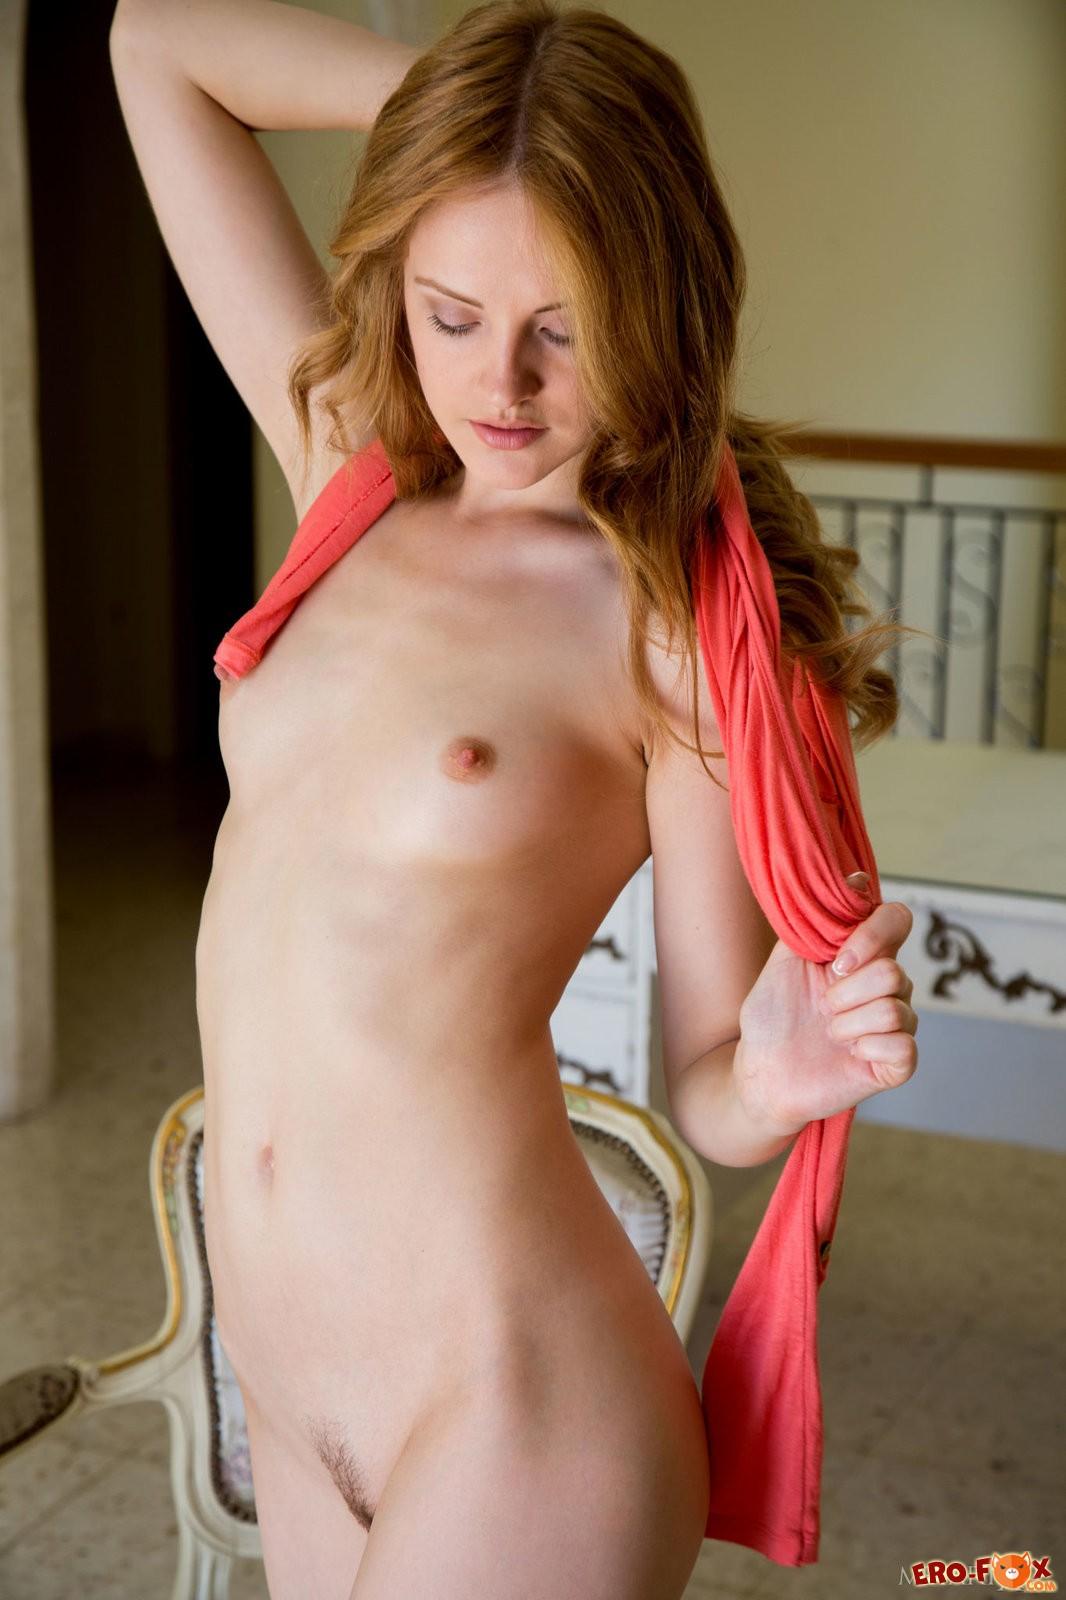 Рыжая девушка с мокрой писькой .